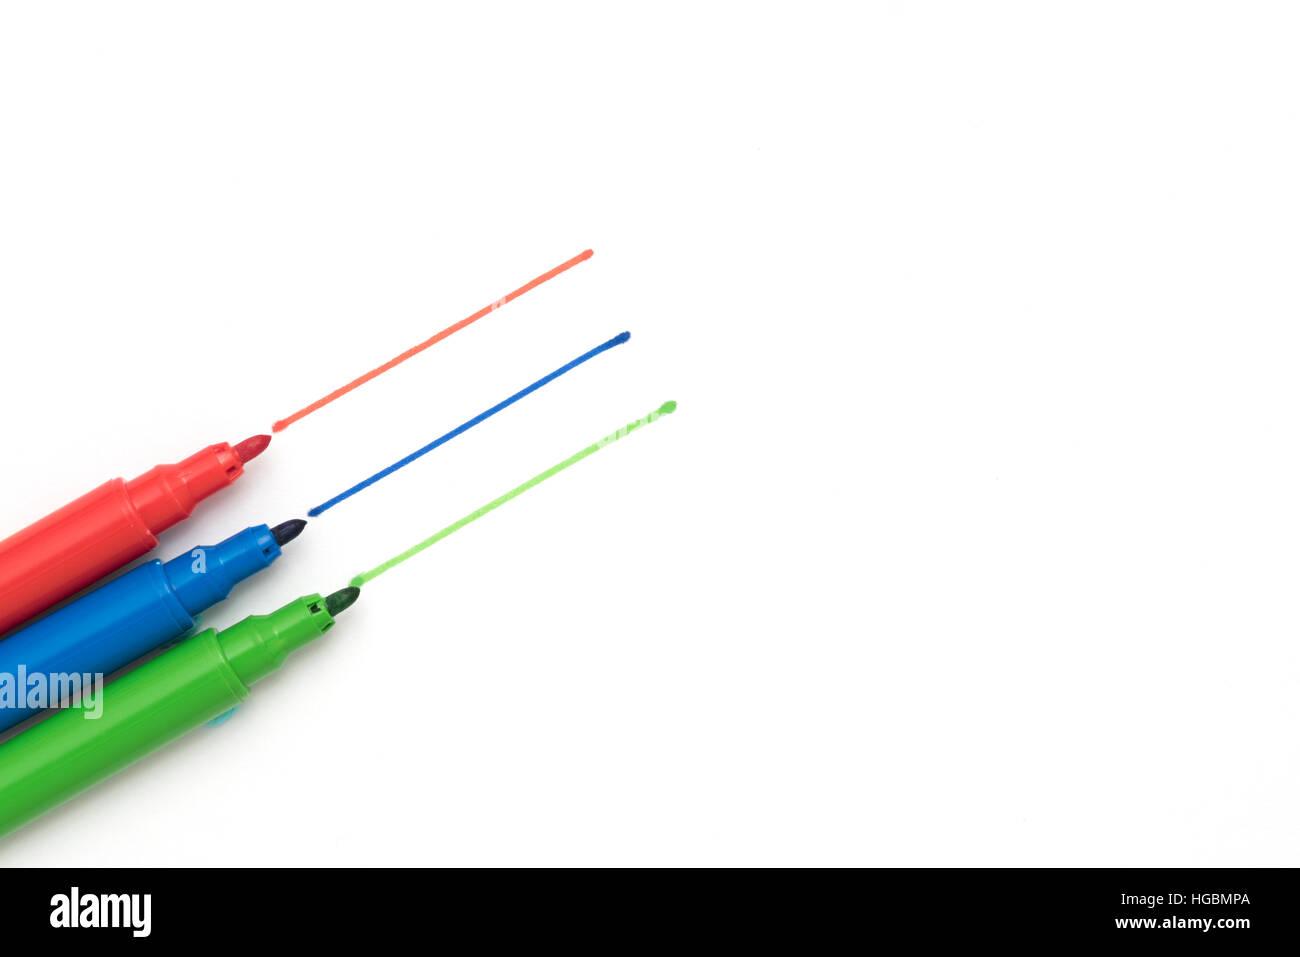 Färben Stifte. Rot, grün und Blau - die Grundfarben - Stifte auf ein ...